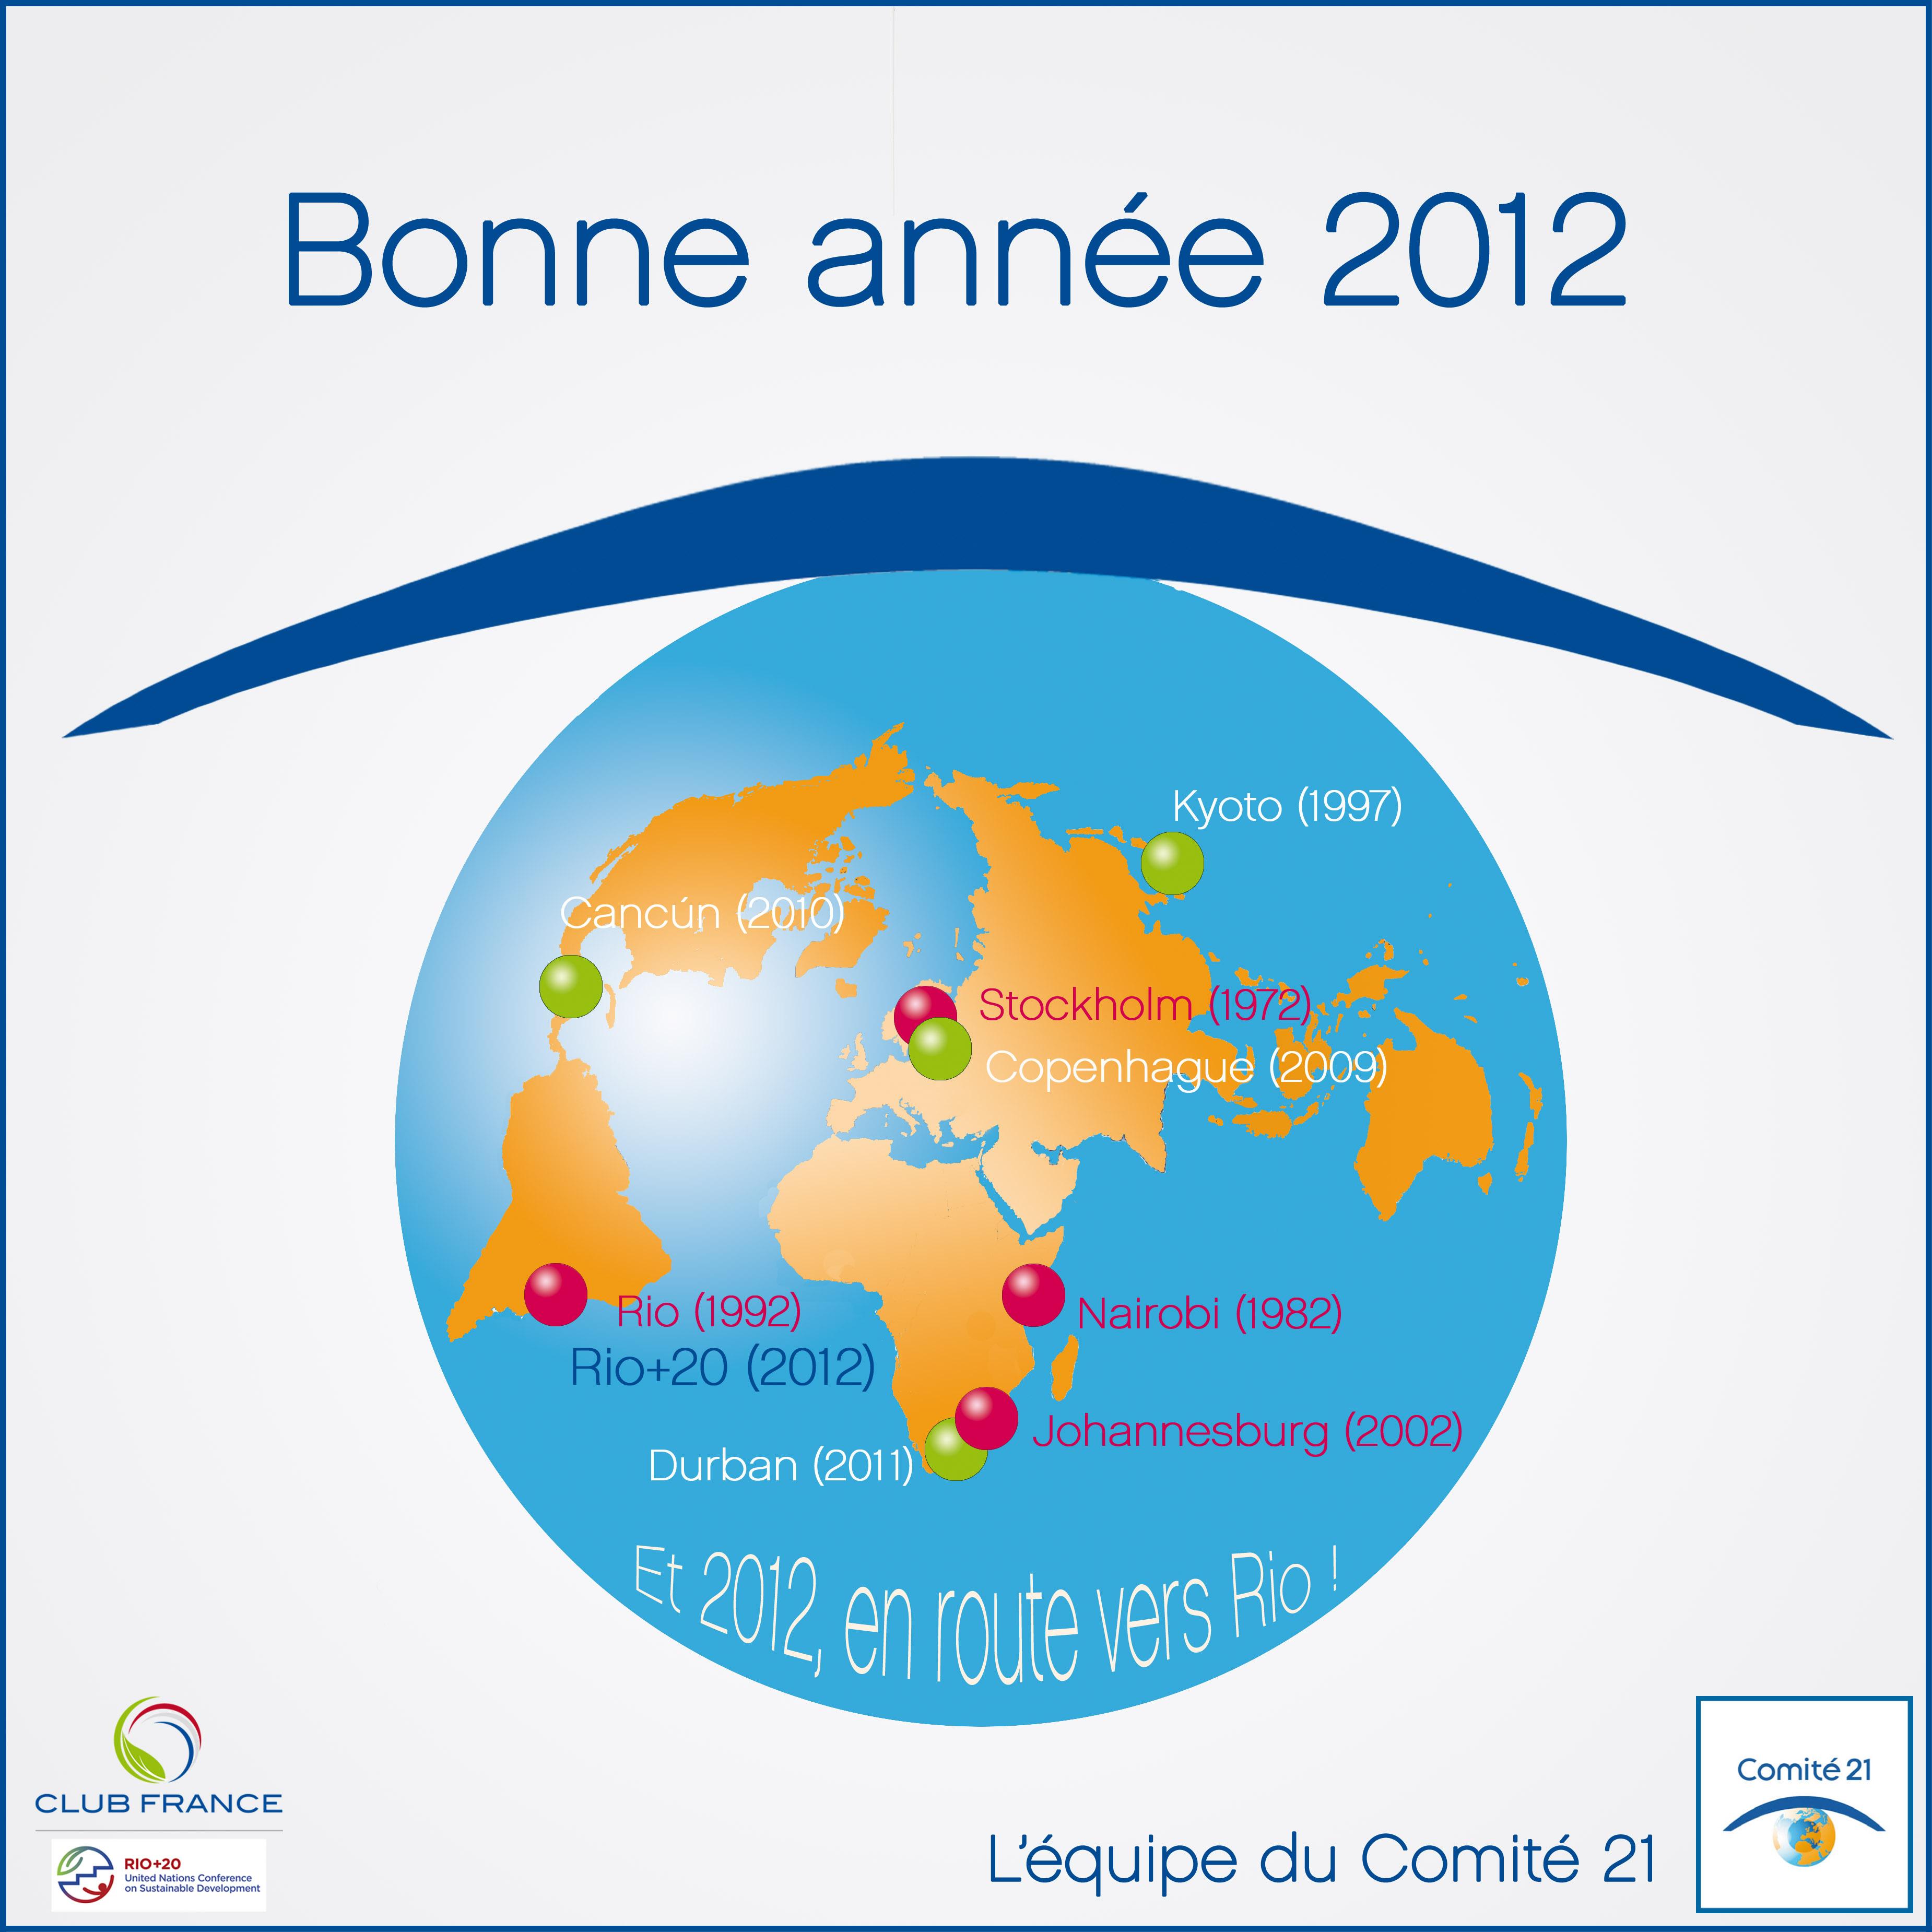 Le Comité vous souhaite une très belle année 2012 85c0fccc081f